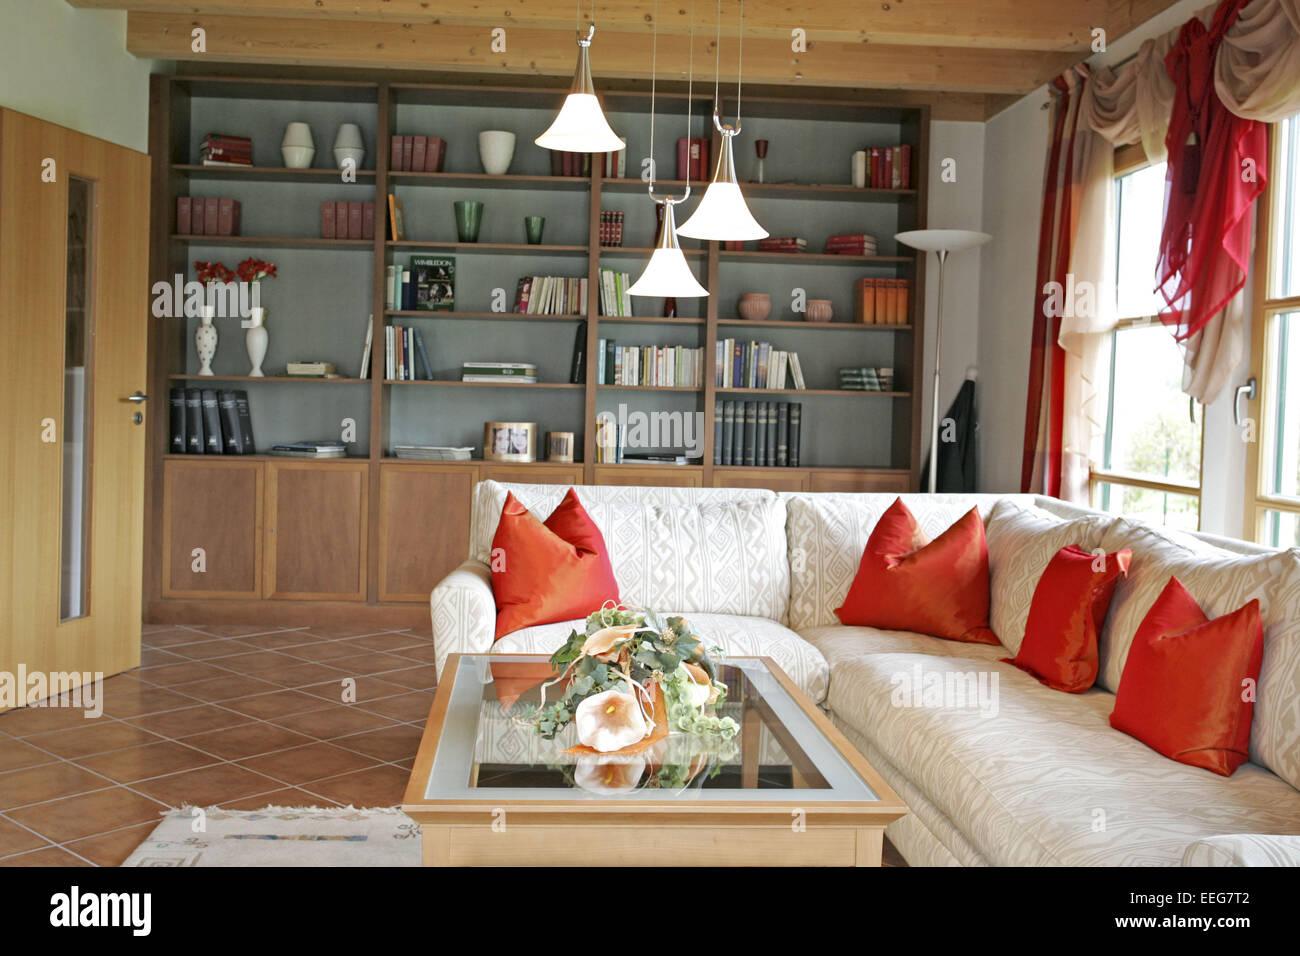 wohnzimmer wohnen innenaufnahme inneneinrichtung wohnung wohnraum